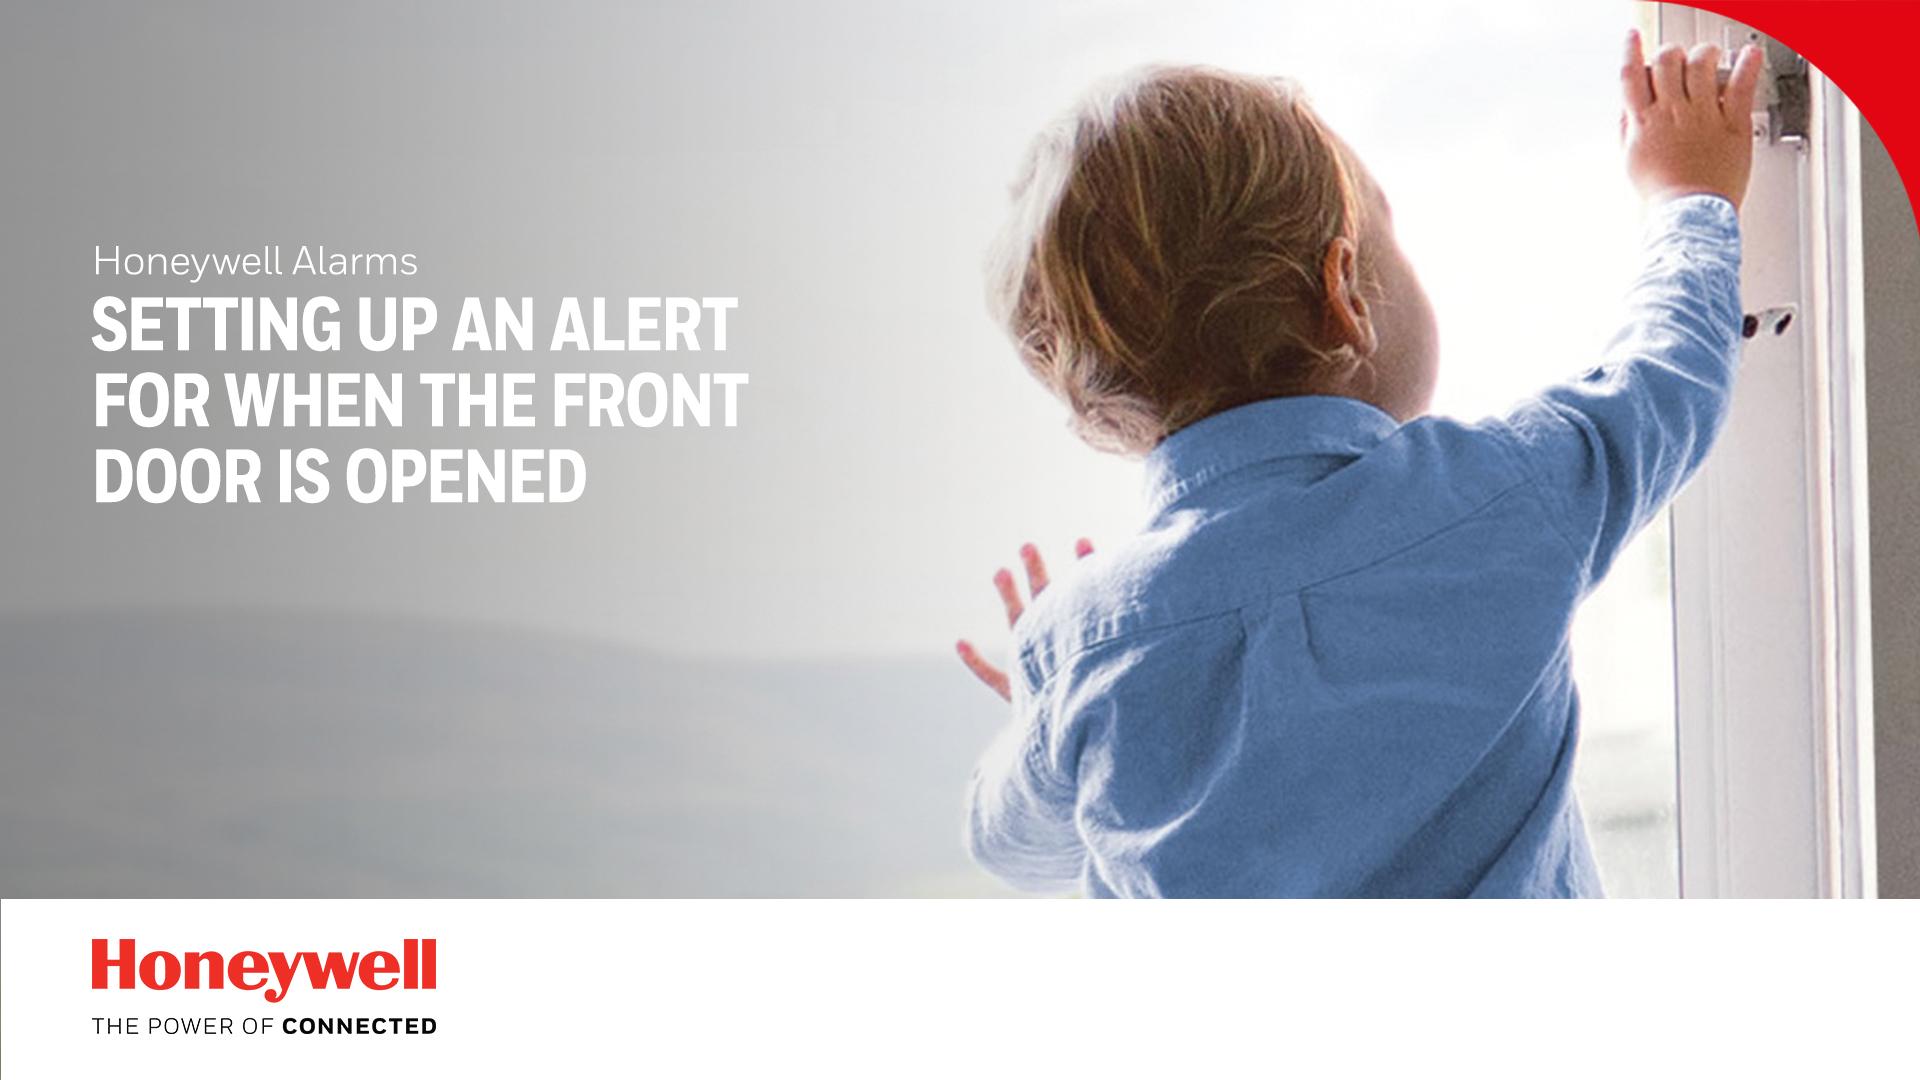 Configuration d'une alerte lorsque la porte d'entrée est ouverte (sans déclencher l'alarme)